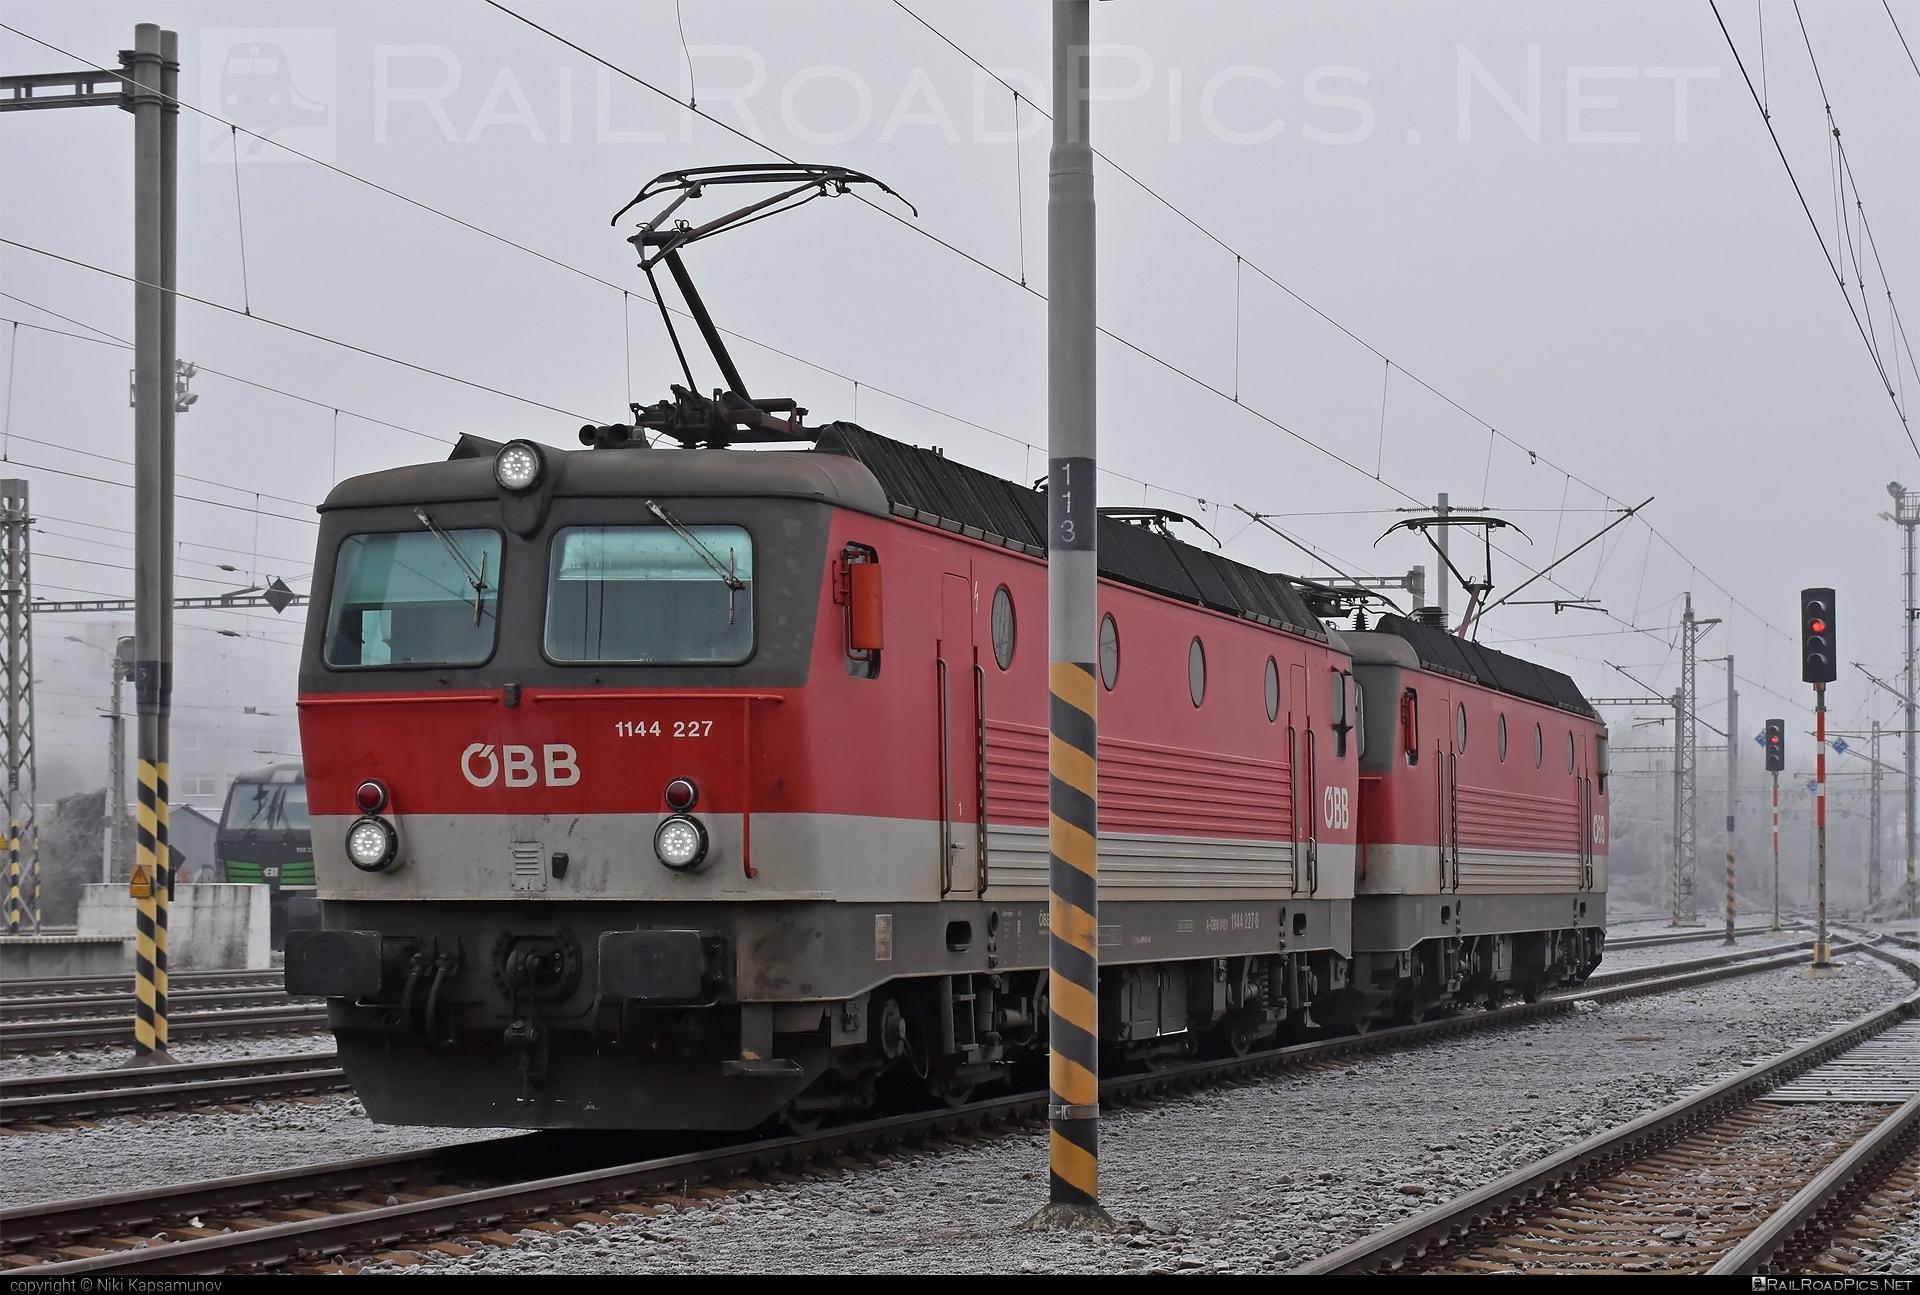 SGP ÖBB Class 1144 - 1144 227 operated by Rail Cargo Austria AG #obb #obbclass1144 #osterreichischebundesbahnen #rcw #sgp #sgp1144 #simmeringgrazpauker